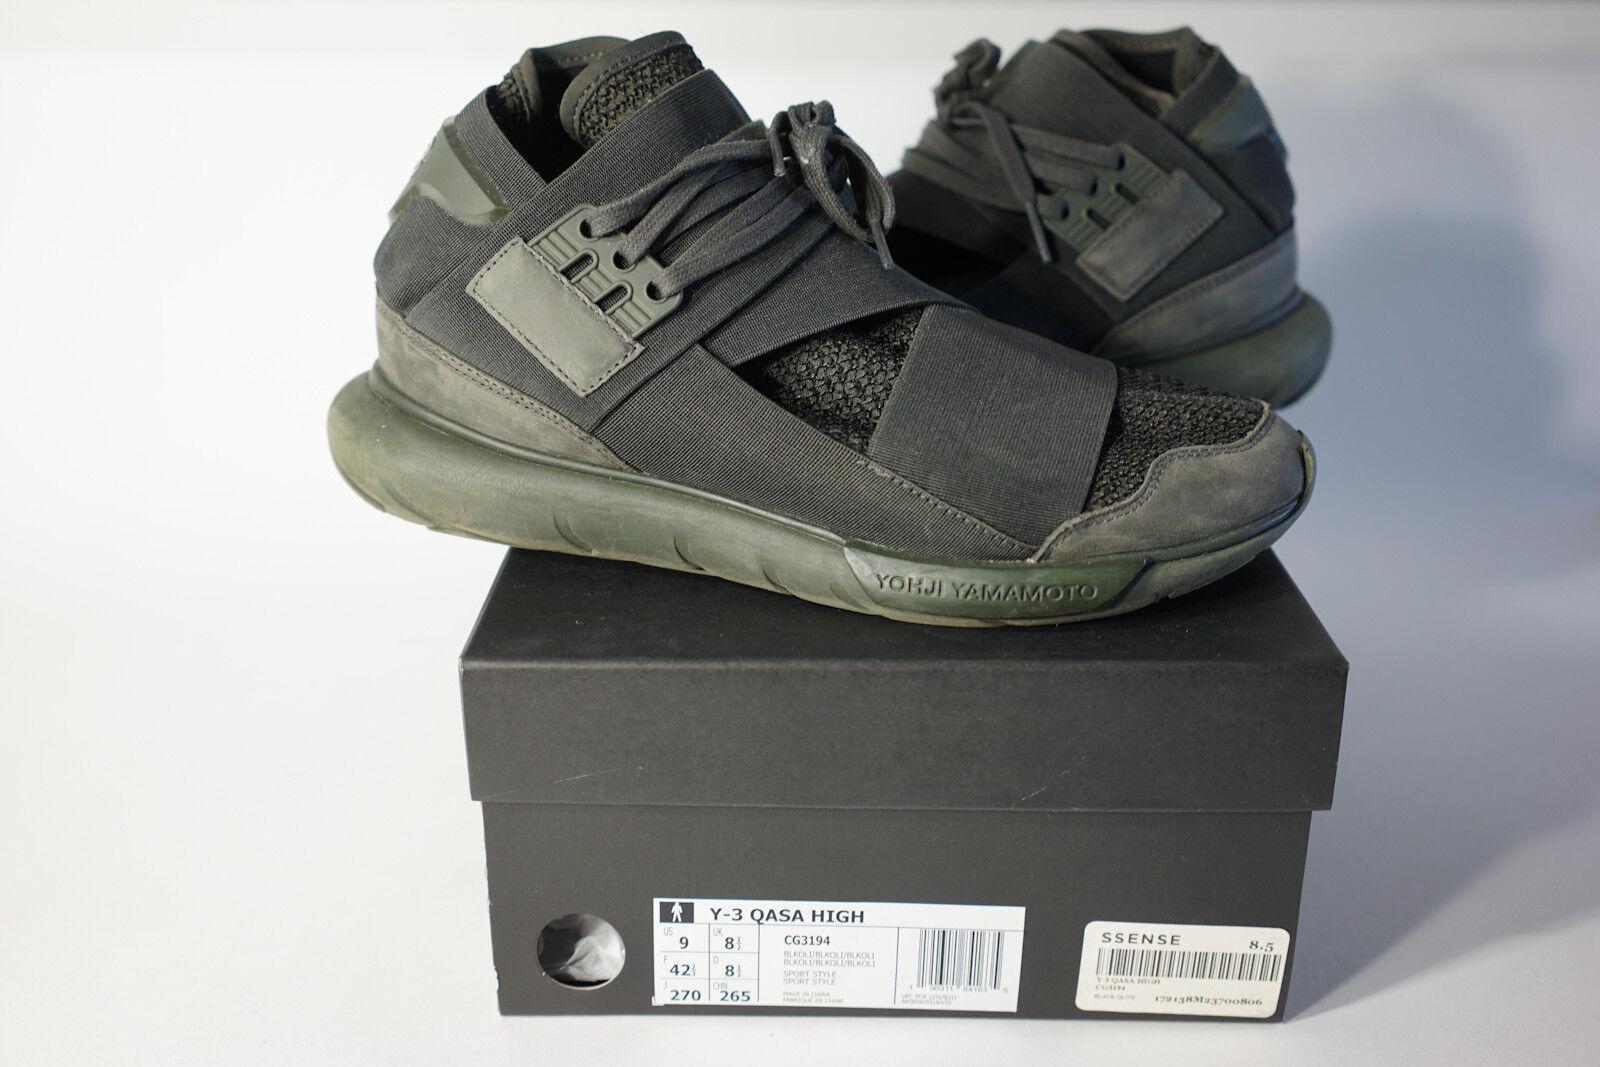 Adidas y-3 qasa high - cg3194 schwarze olive sneaker sneaker sneaker männer größe 9. 3d6733